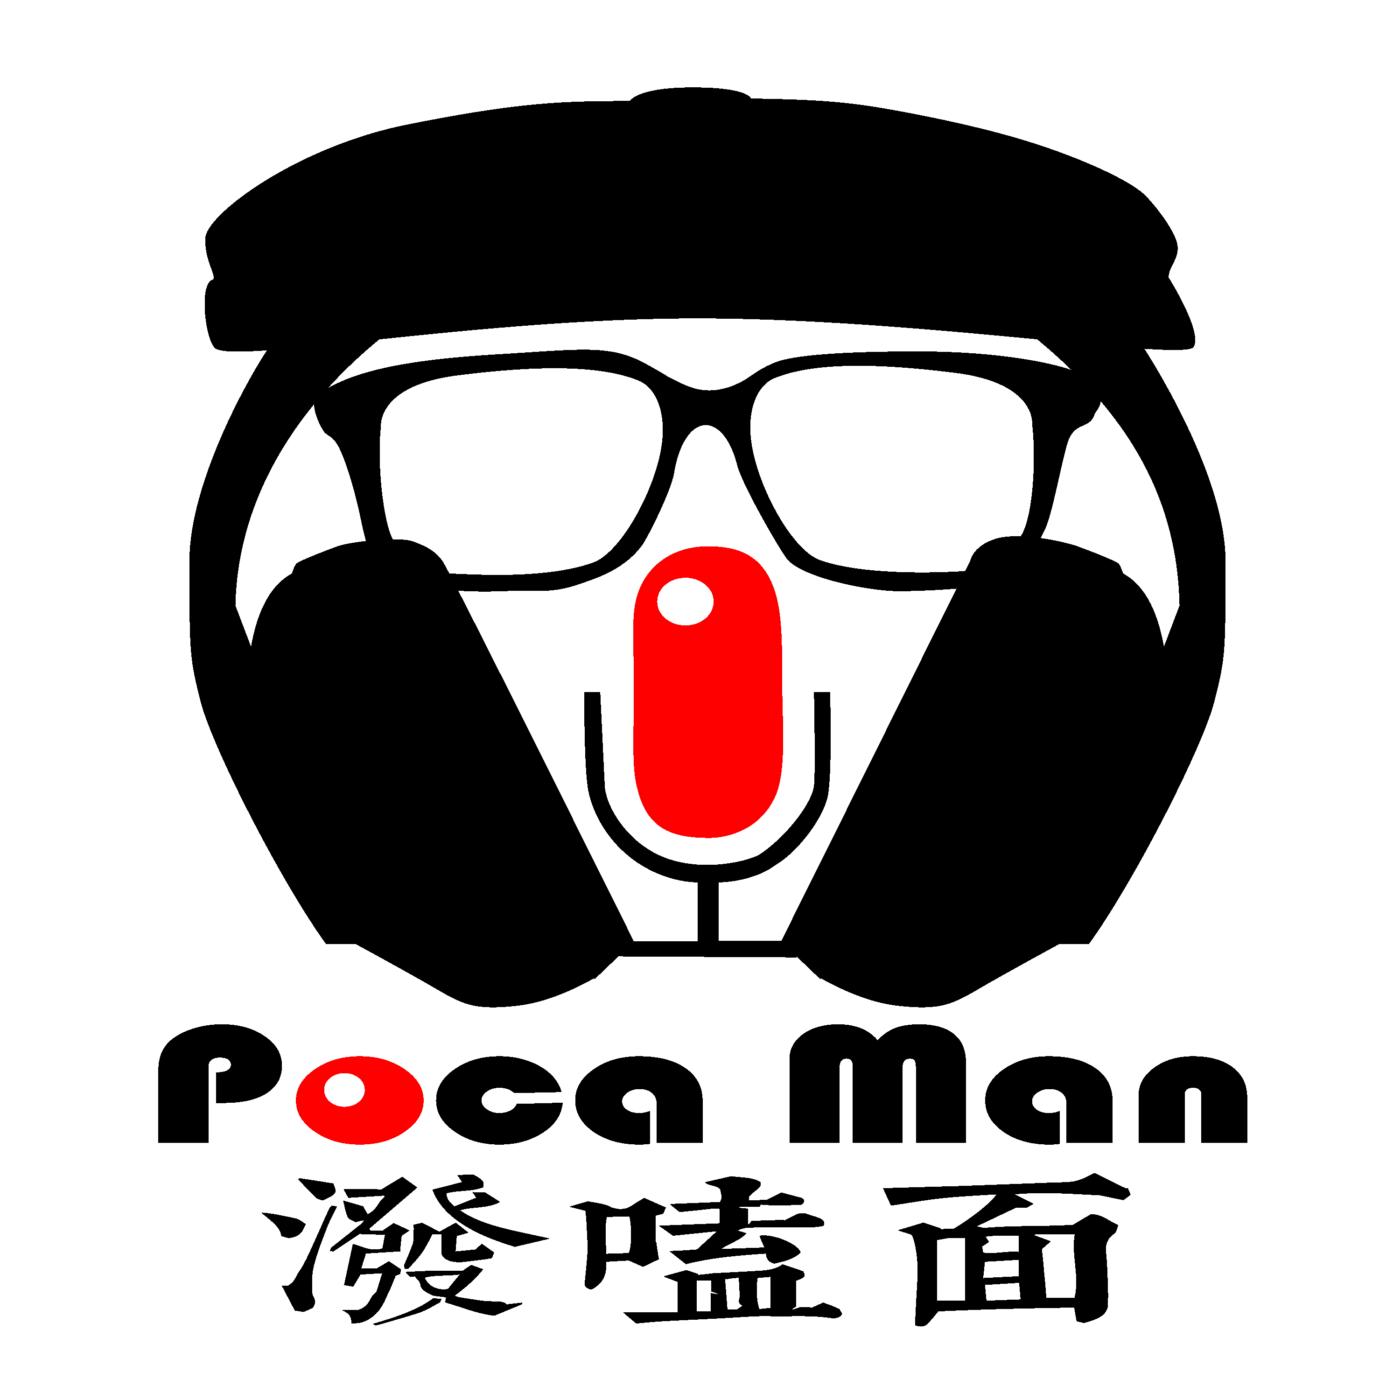 潑嗑面 - Poca Man